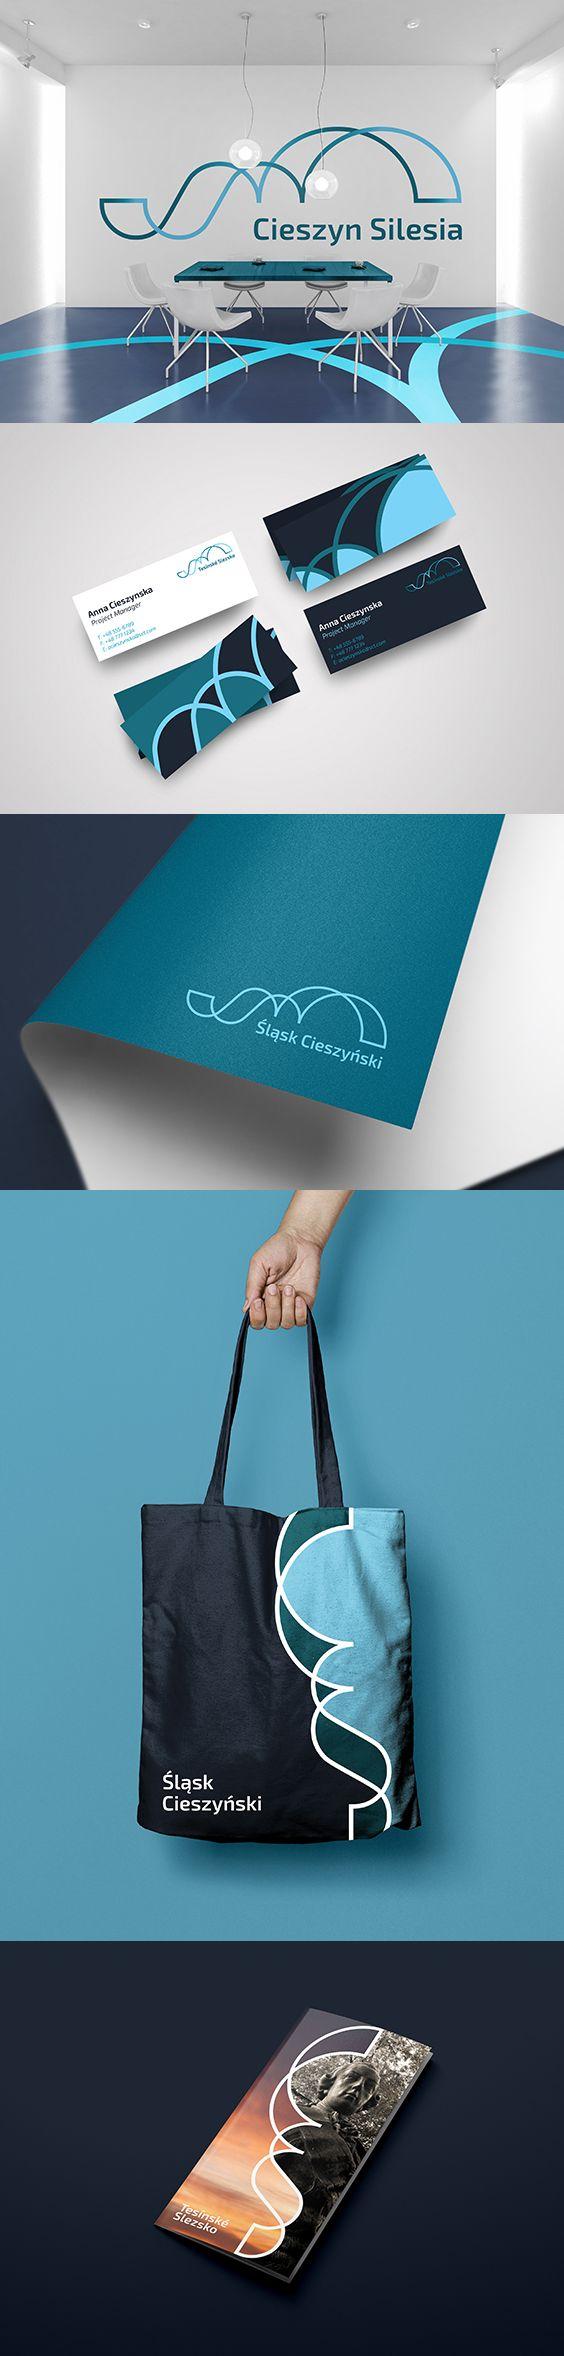 Cieszyn Silesia - Slask Cieszynski - Logo Concept and Branding by ZIIJN https://ziijn.myportfolio.com